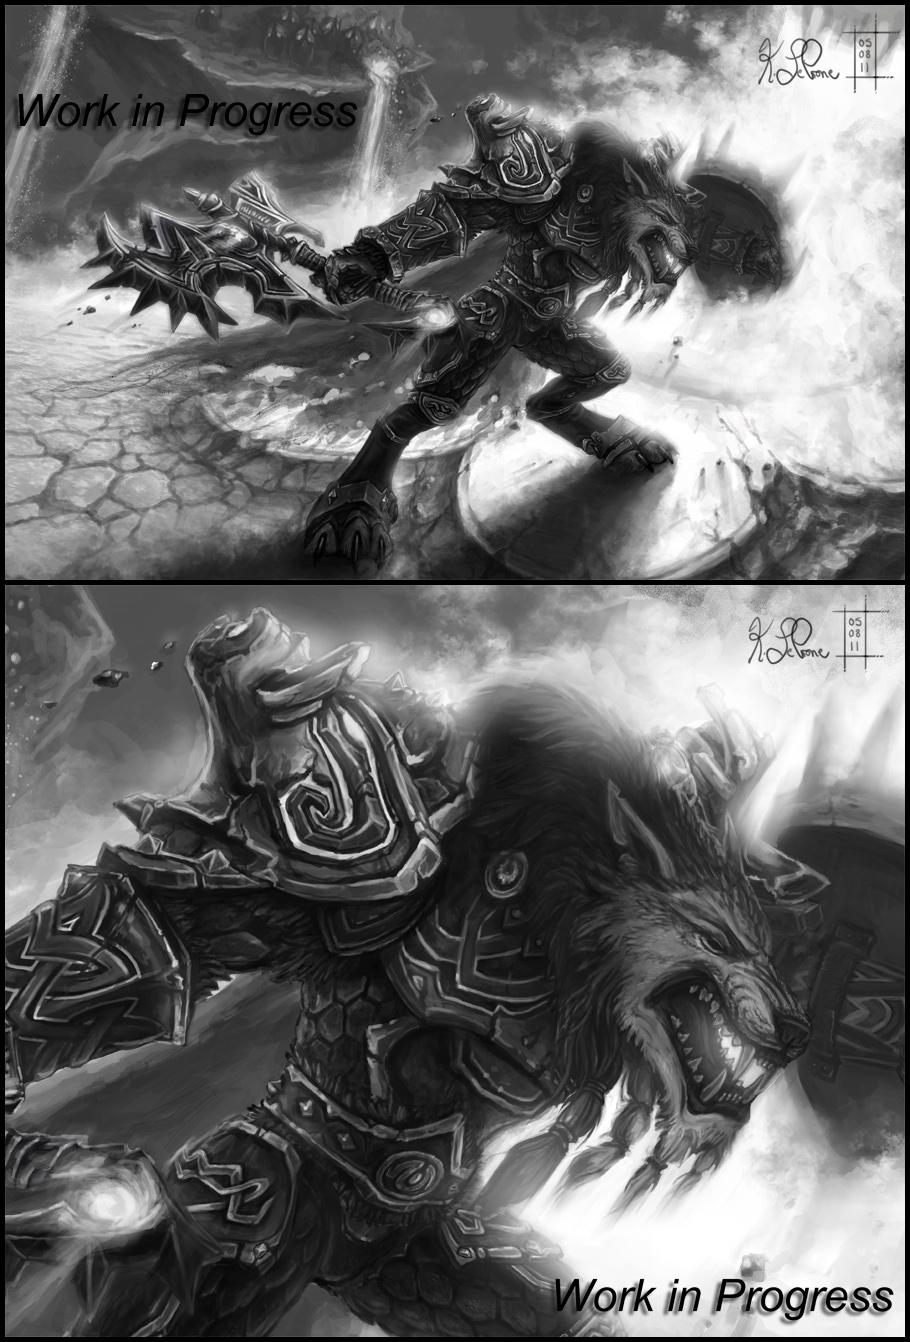 WoW Worgen Prot Warrior WIP 2 by Dreamspirit on DeviantArt